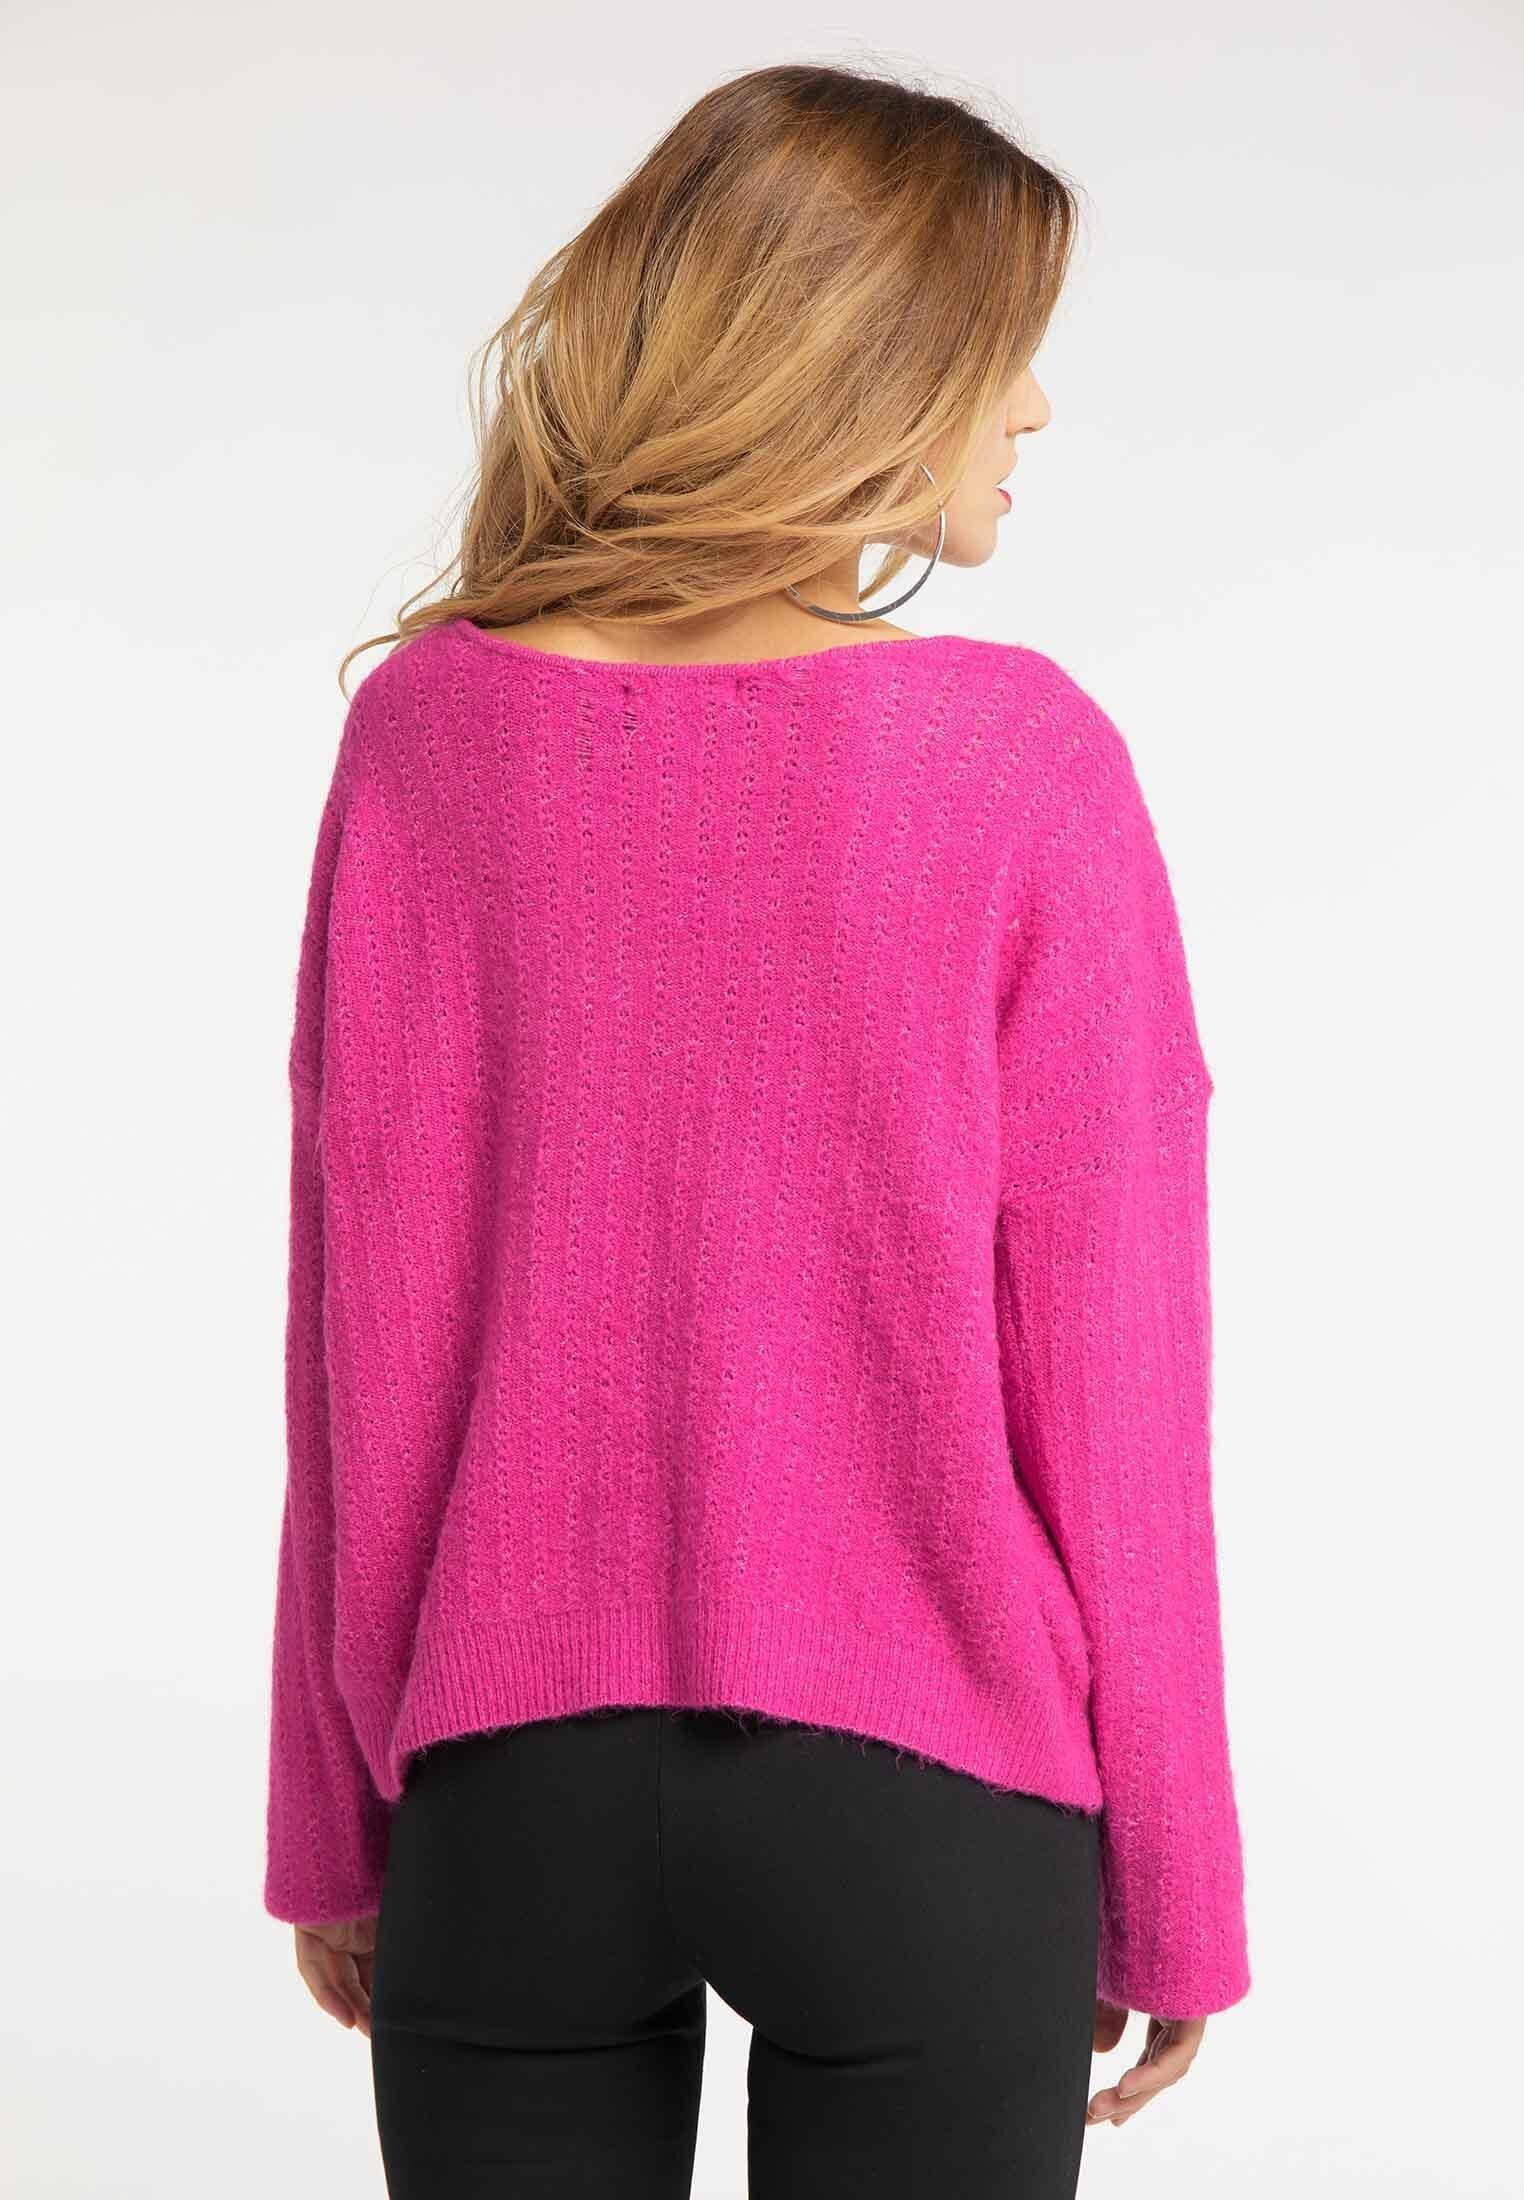 Professional Women's Clothing faina Jumper pink vz3dct8gU